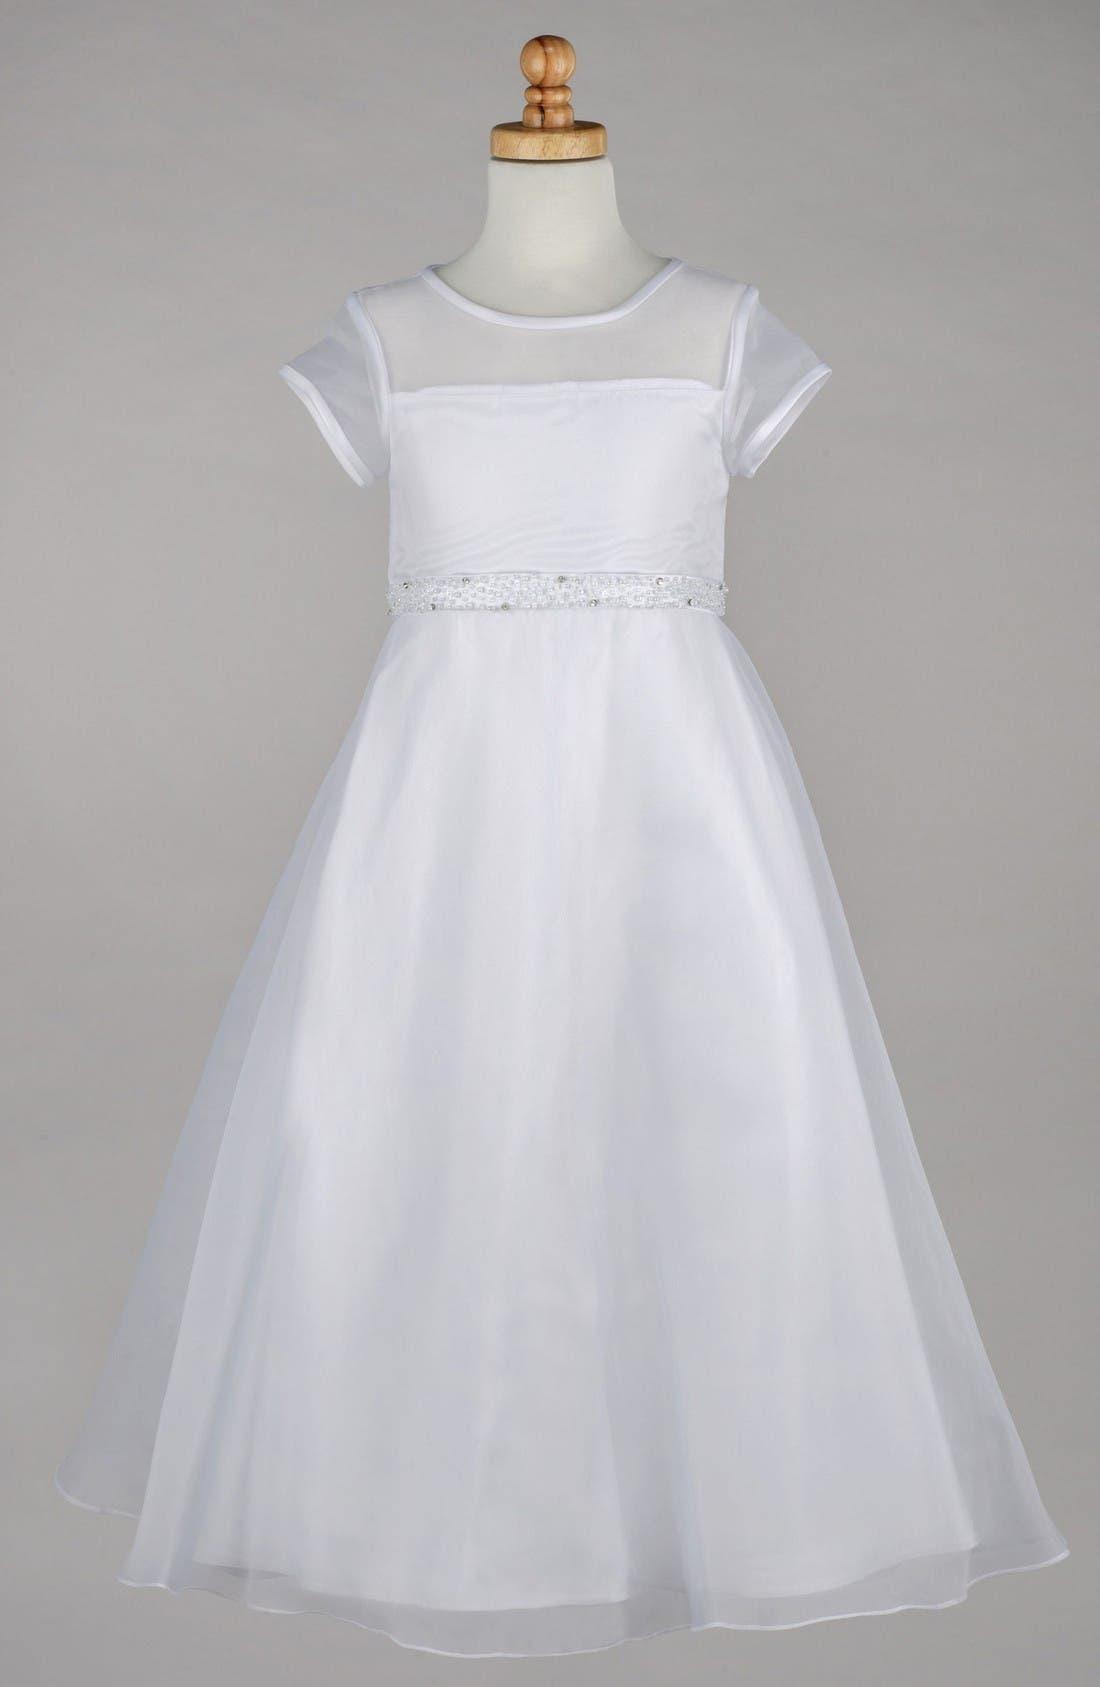 Main Image - Lauren Marie Beaded A-Line First Communion Dress (Little Girls & Big Girls)